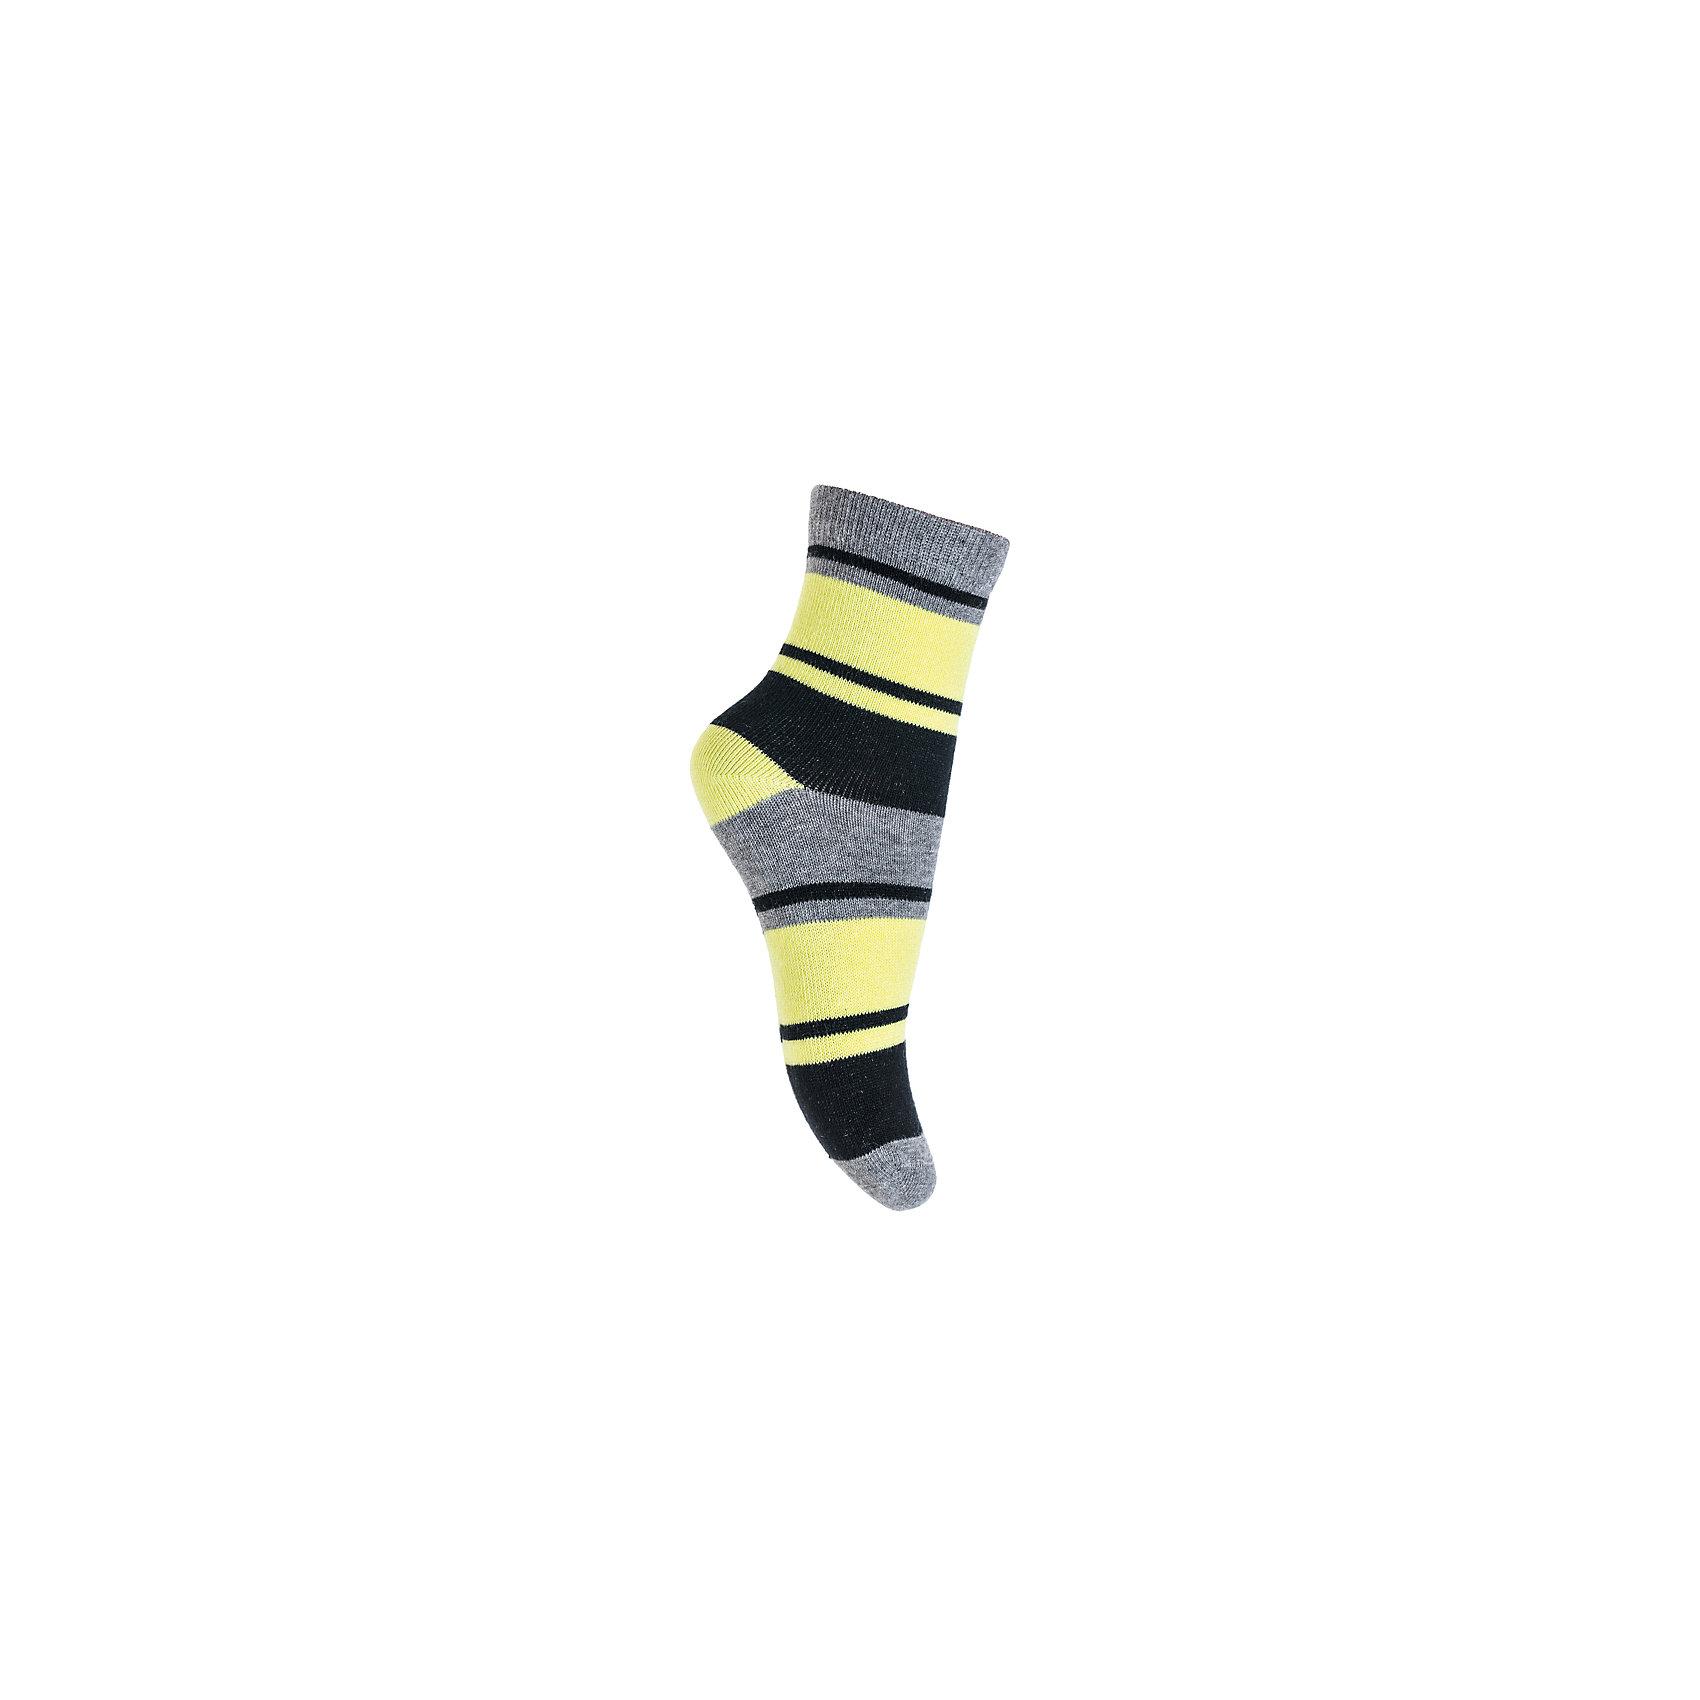 Носки PlayToday для мальчикаНоски<br>Носки PlayToday для мальчика<br>Носки очень мягкие, из  натуральных материалов, приятные к телу и не сковывают движений. Хорошо пропускают воздух, тем самым позволяя коже дышать. Даже частые стирки, при условии соблюдений рекомендаций по уходу, не изменят ни форму, ни цвет изделия. Модель выполнена в технике - yarn dyed - в процессе производства в полотне используются разного цвета нити.  Мягкая резинка не сдавливает нежную детскую кожу.<br>Состав:<br>75% хлопок, 22% нейлон, 3% эластан<br><br>Ширина мм: 87<br>Глубина мм: 10<br>Высота мм: 105<br>Вес г: 115<br>Цвет: белый<br>Возраст от месяцев: 108<br>Возраст до месяцев: 120<br>Пол: Мужской<br>Возраст: Детский<br>Размер: 20,14,16,18<br>SKU: 7111292